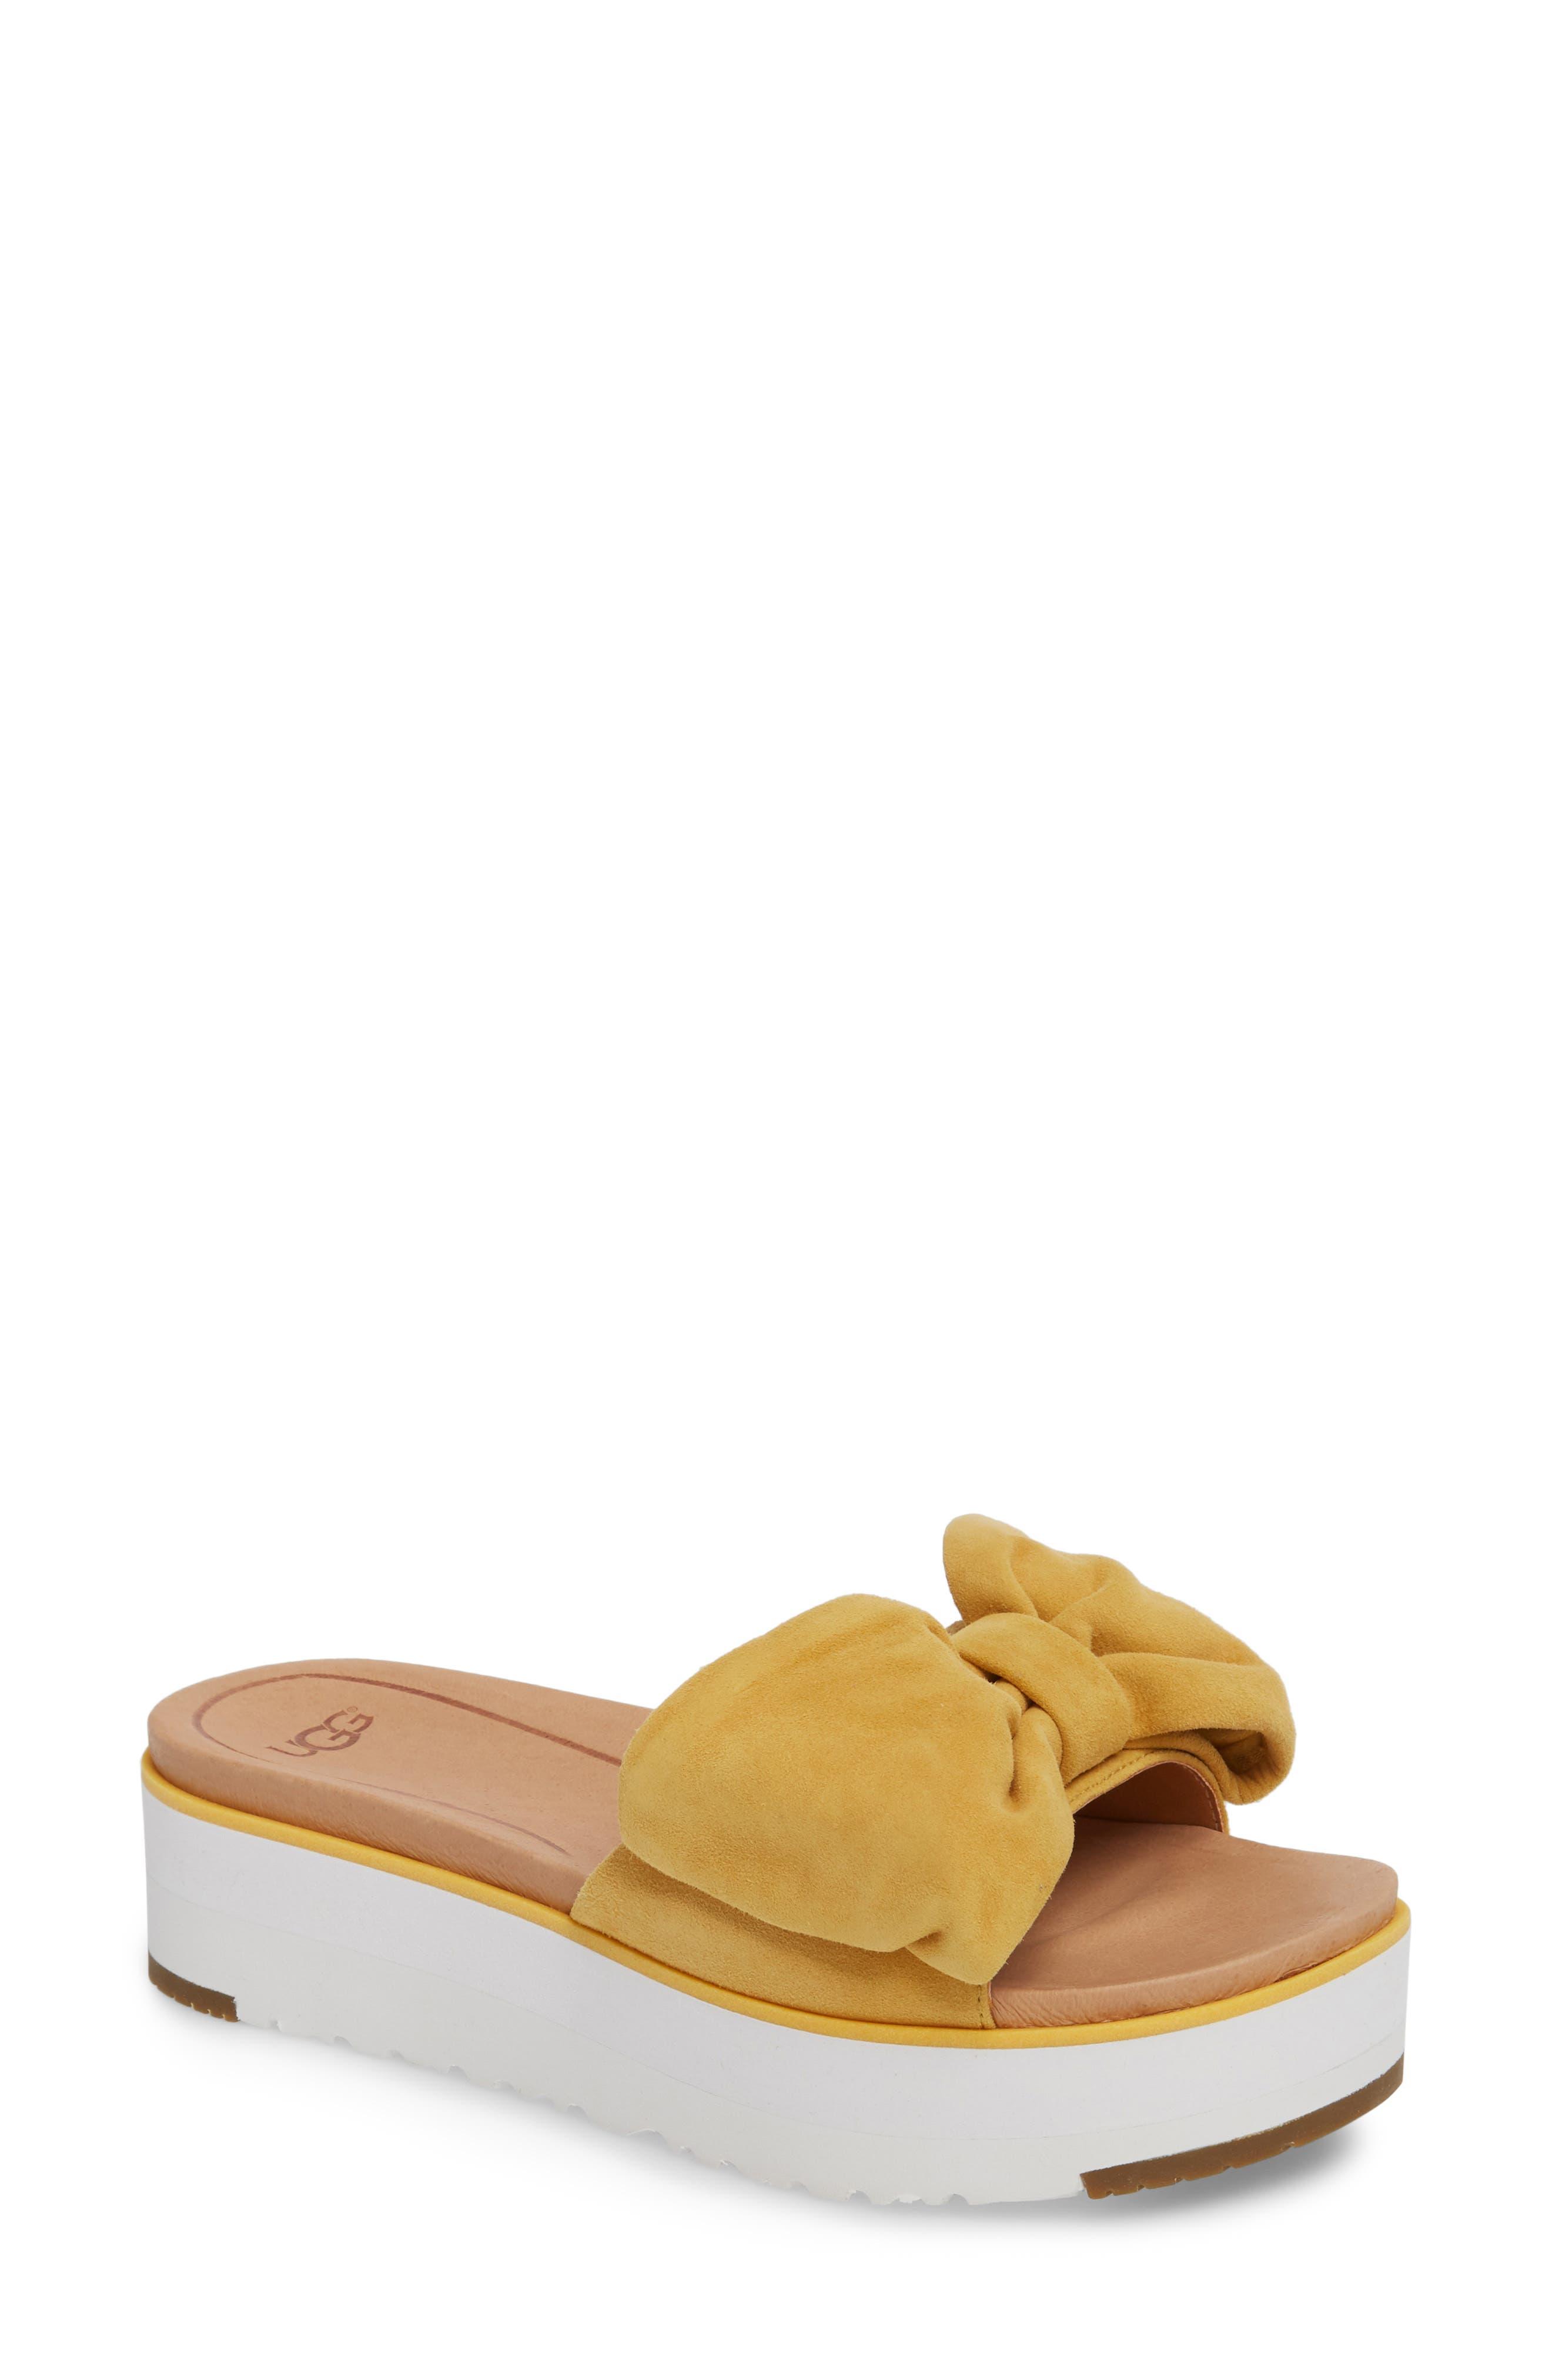 Joan Platform Sandal,                             Main thumbnail 1, color,                             Sunflower Suede